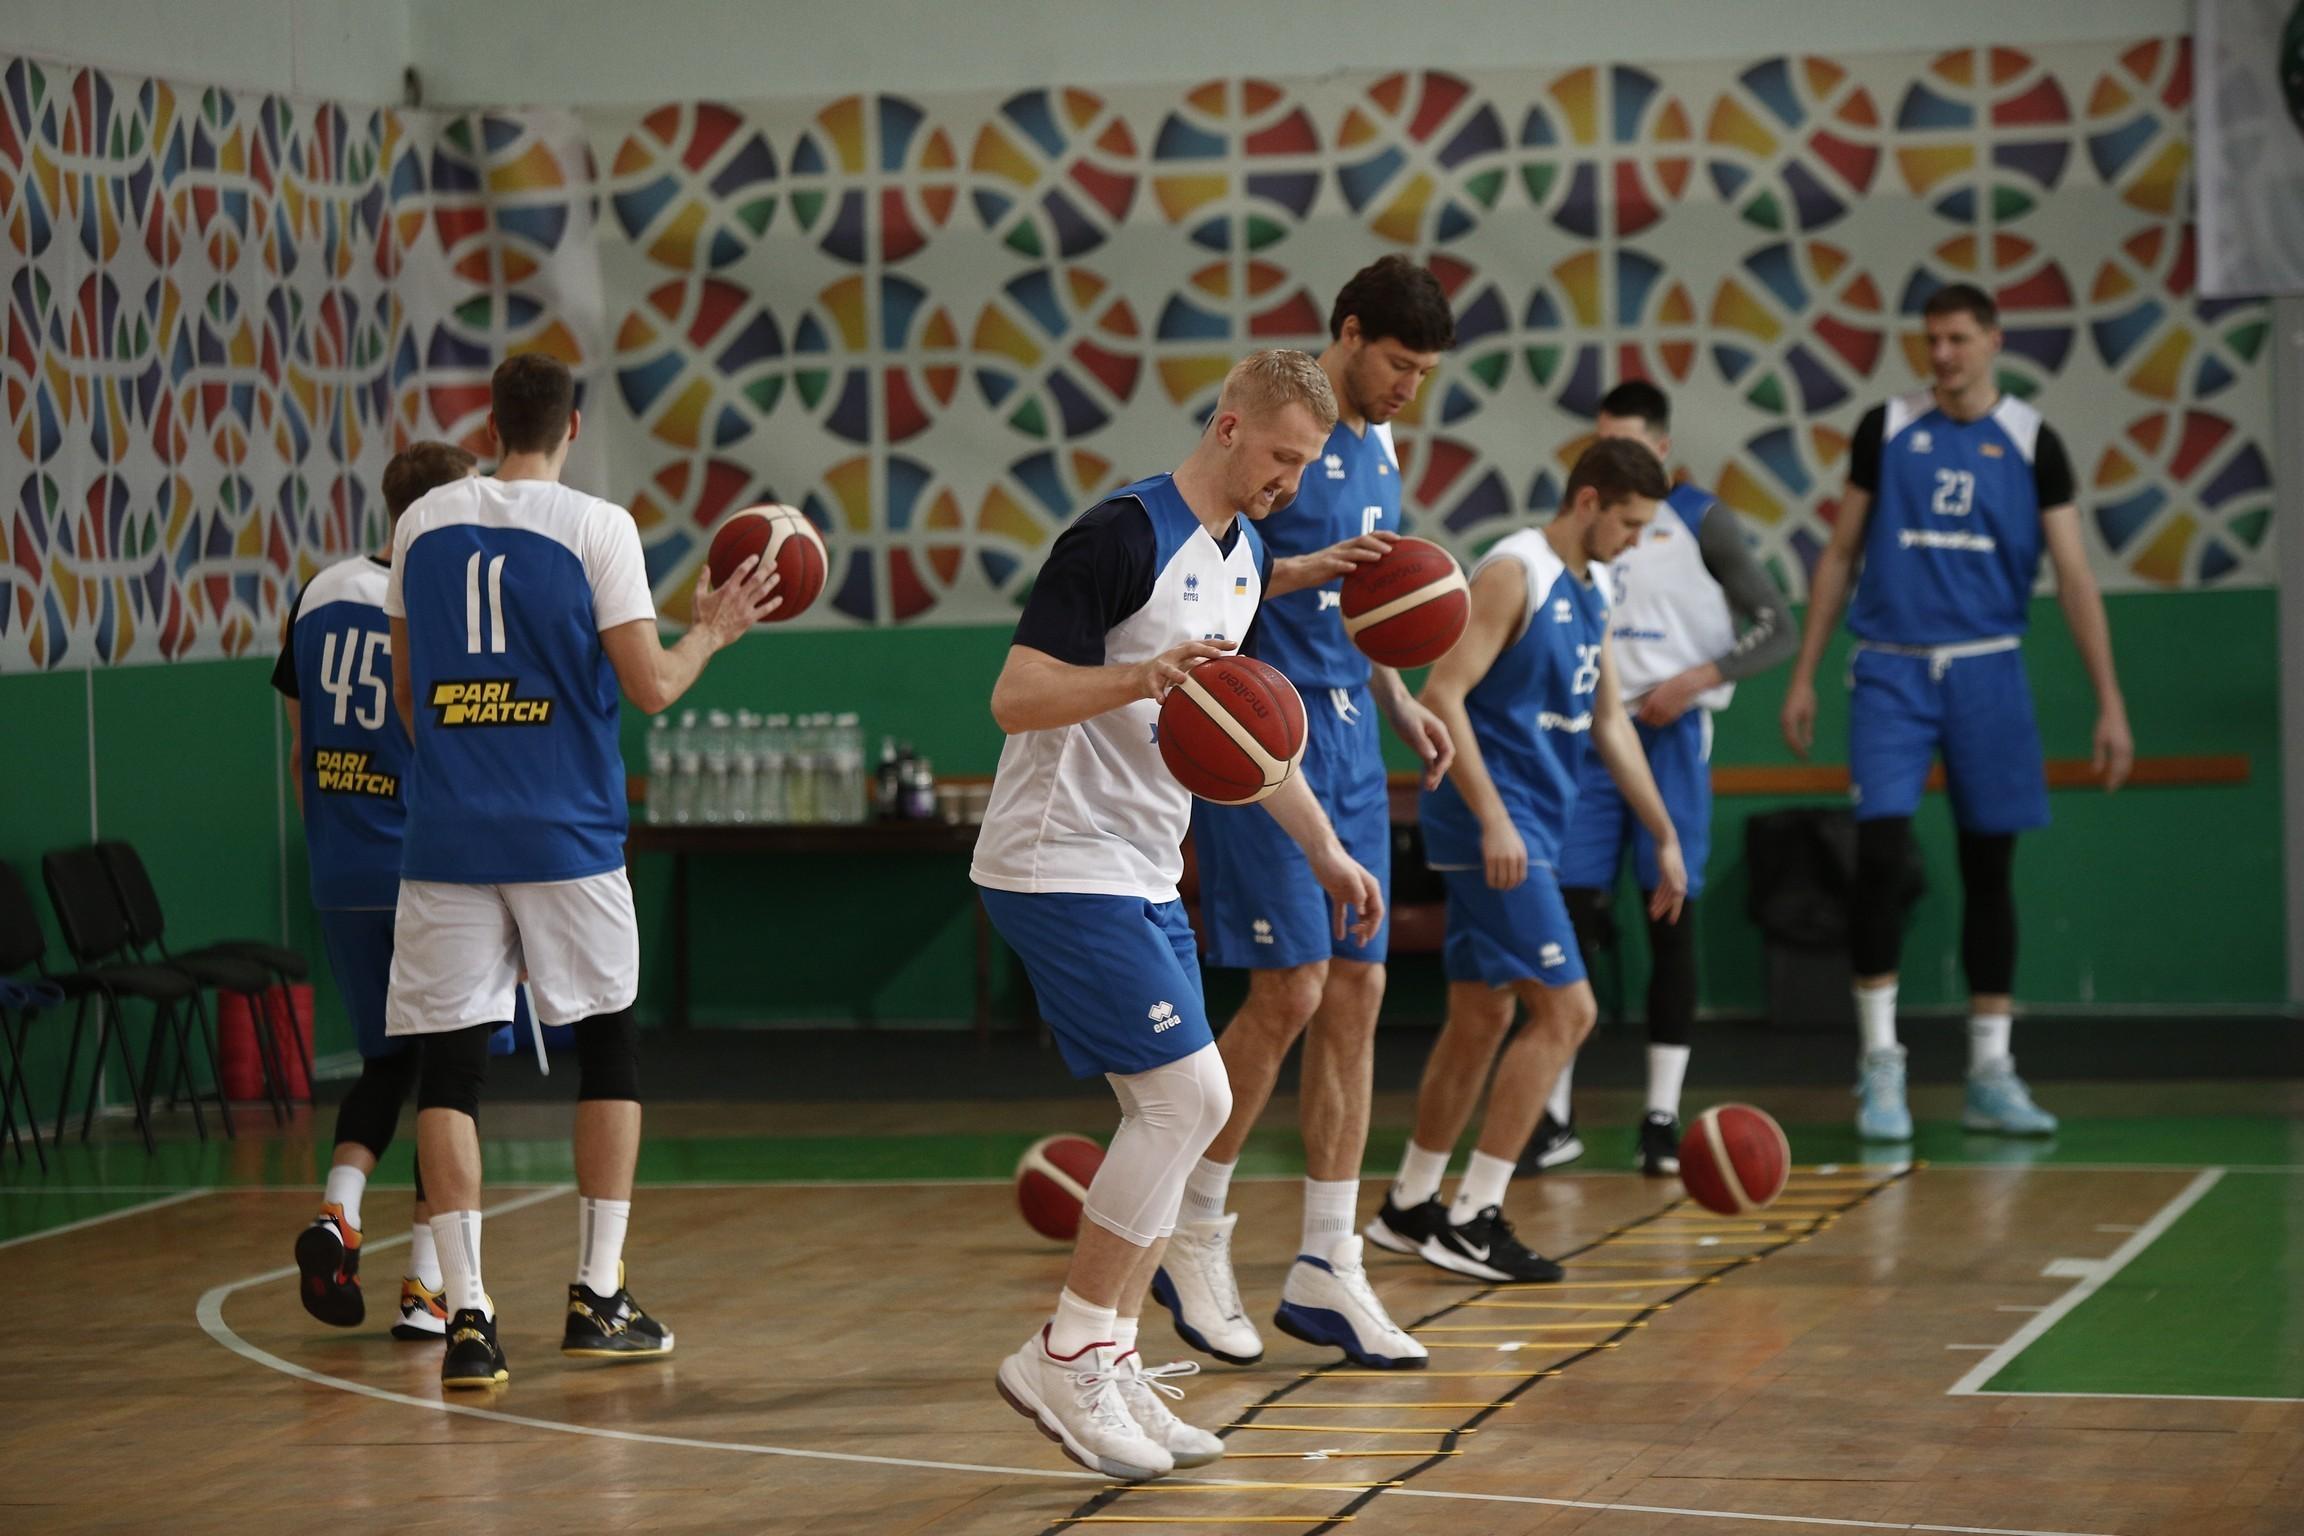 Влітку плануються тренувальні збори для молодіжних та національних збірних України